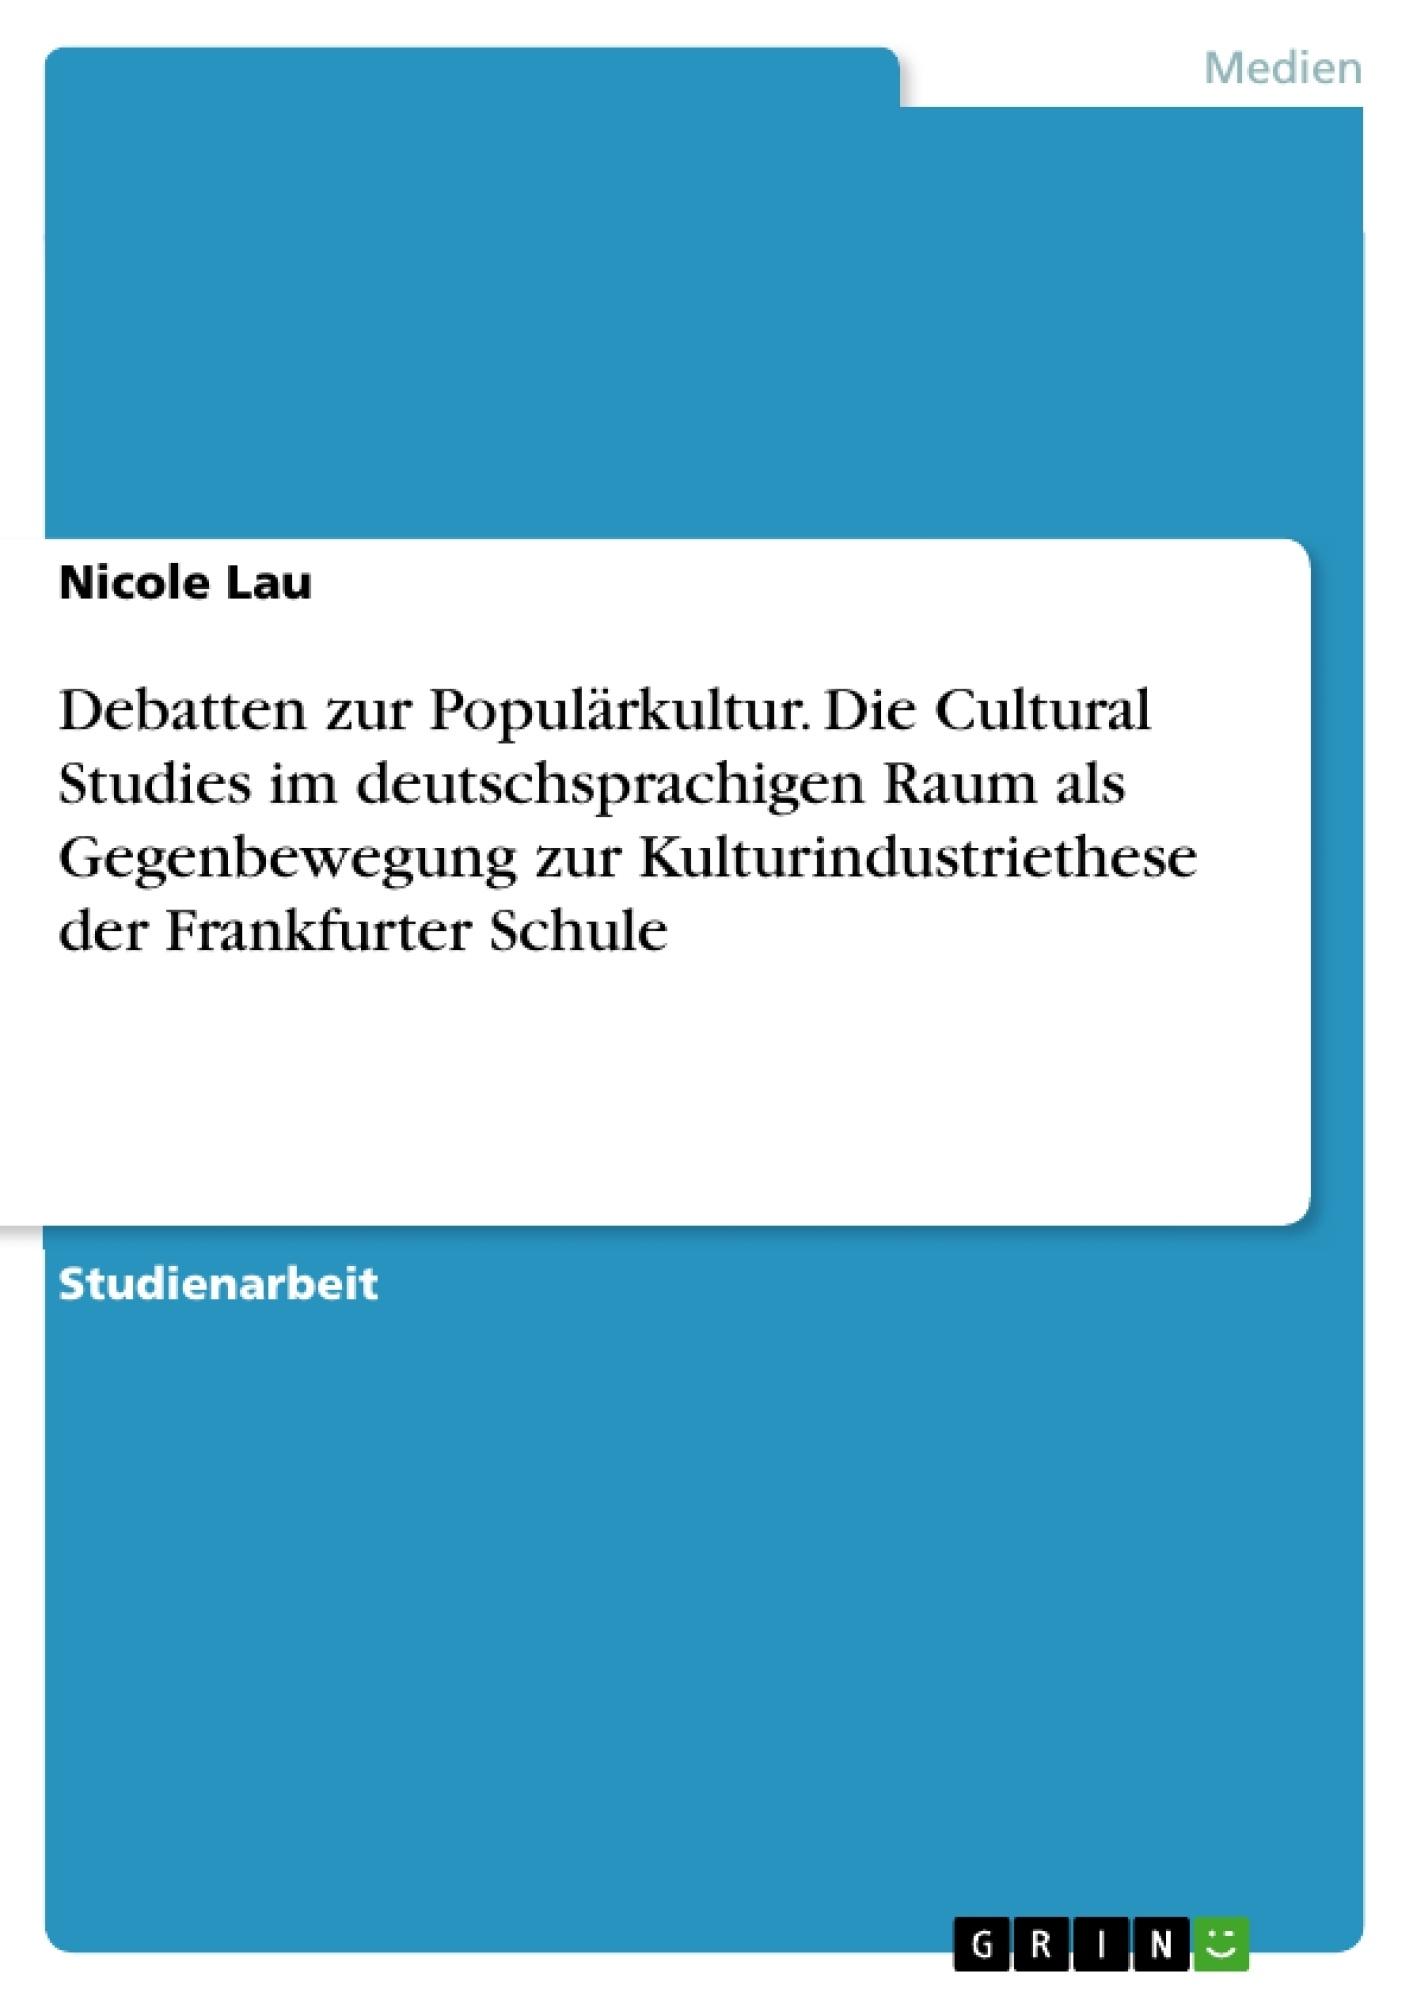 Titel: Debatten zur Populärkultur. Die Cultural Studies im deutschsprachigen Raum als Gegenbewegung zur Kulturindustriethese der Frankfurter Schule